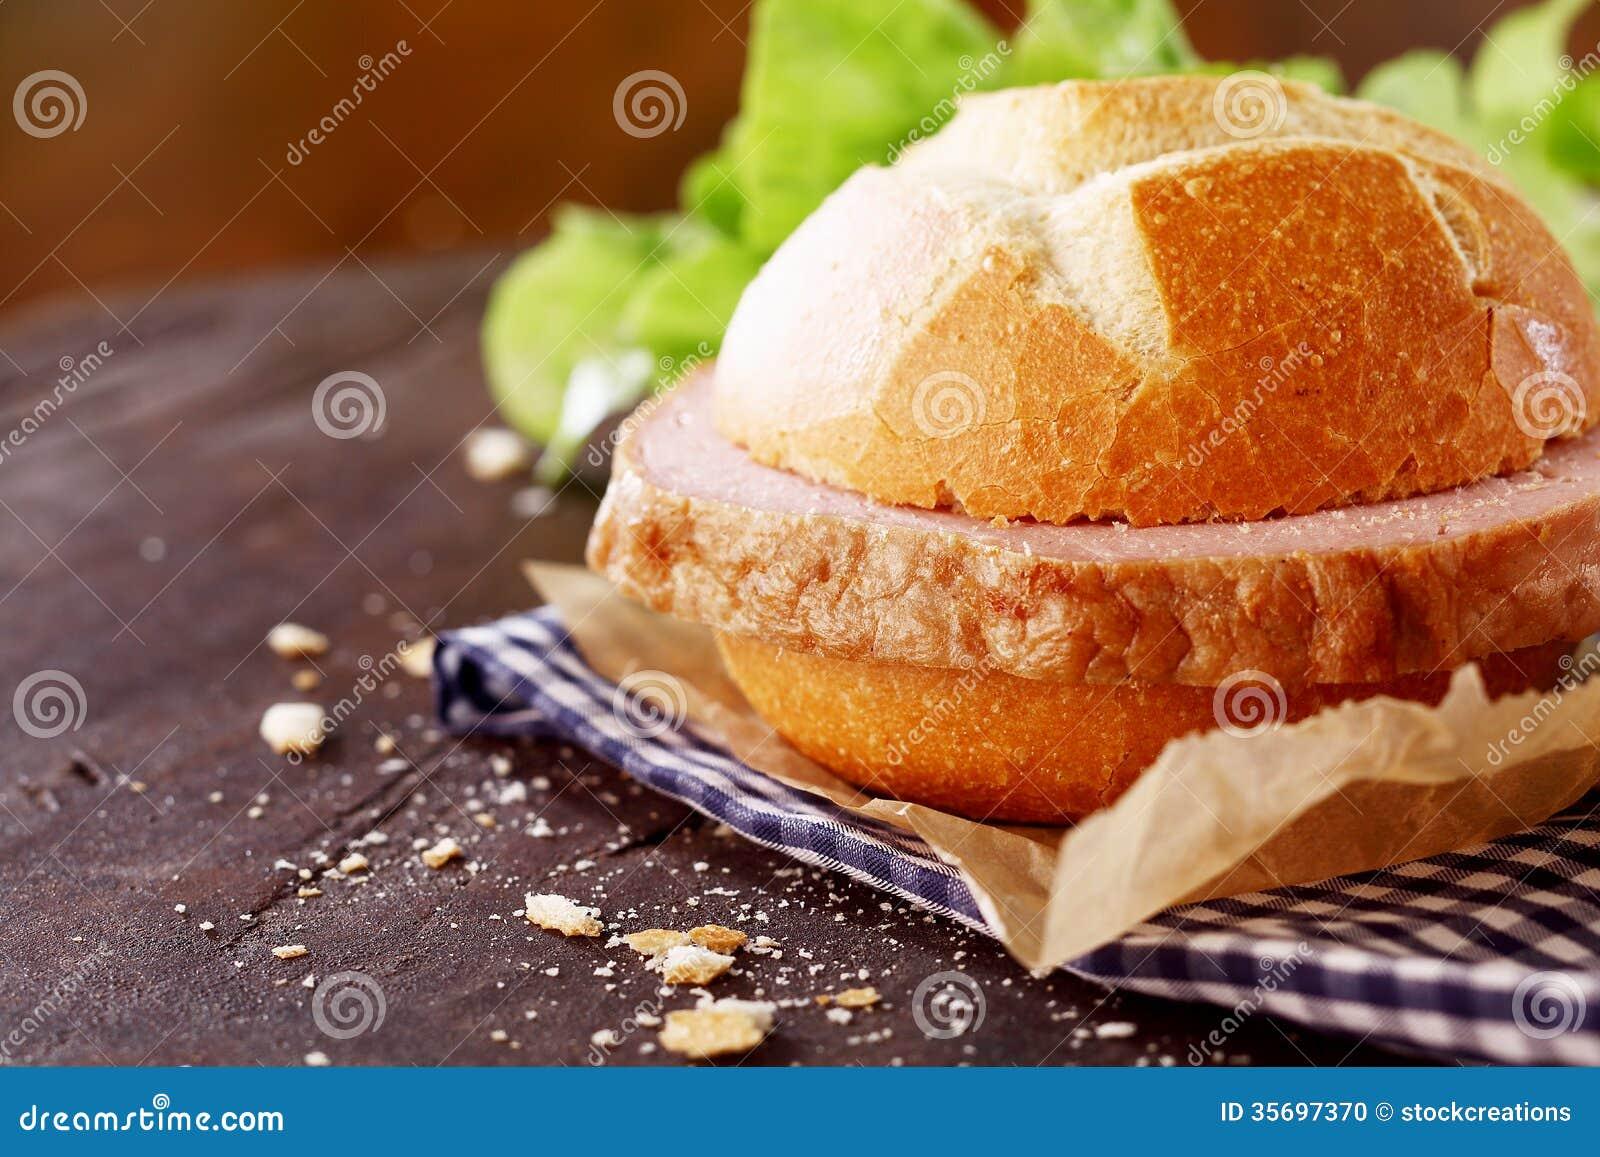 Pain de viande allemand traditionnel sur un petit pain croquant frais